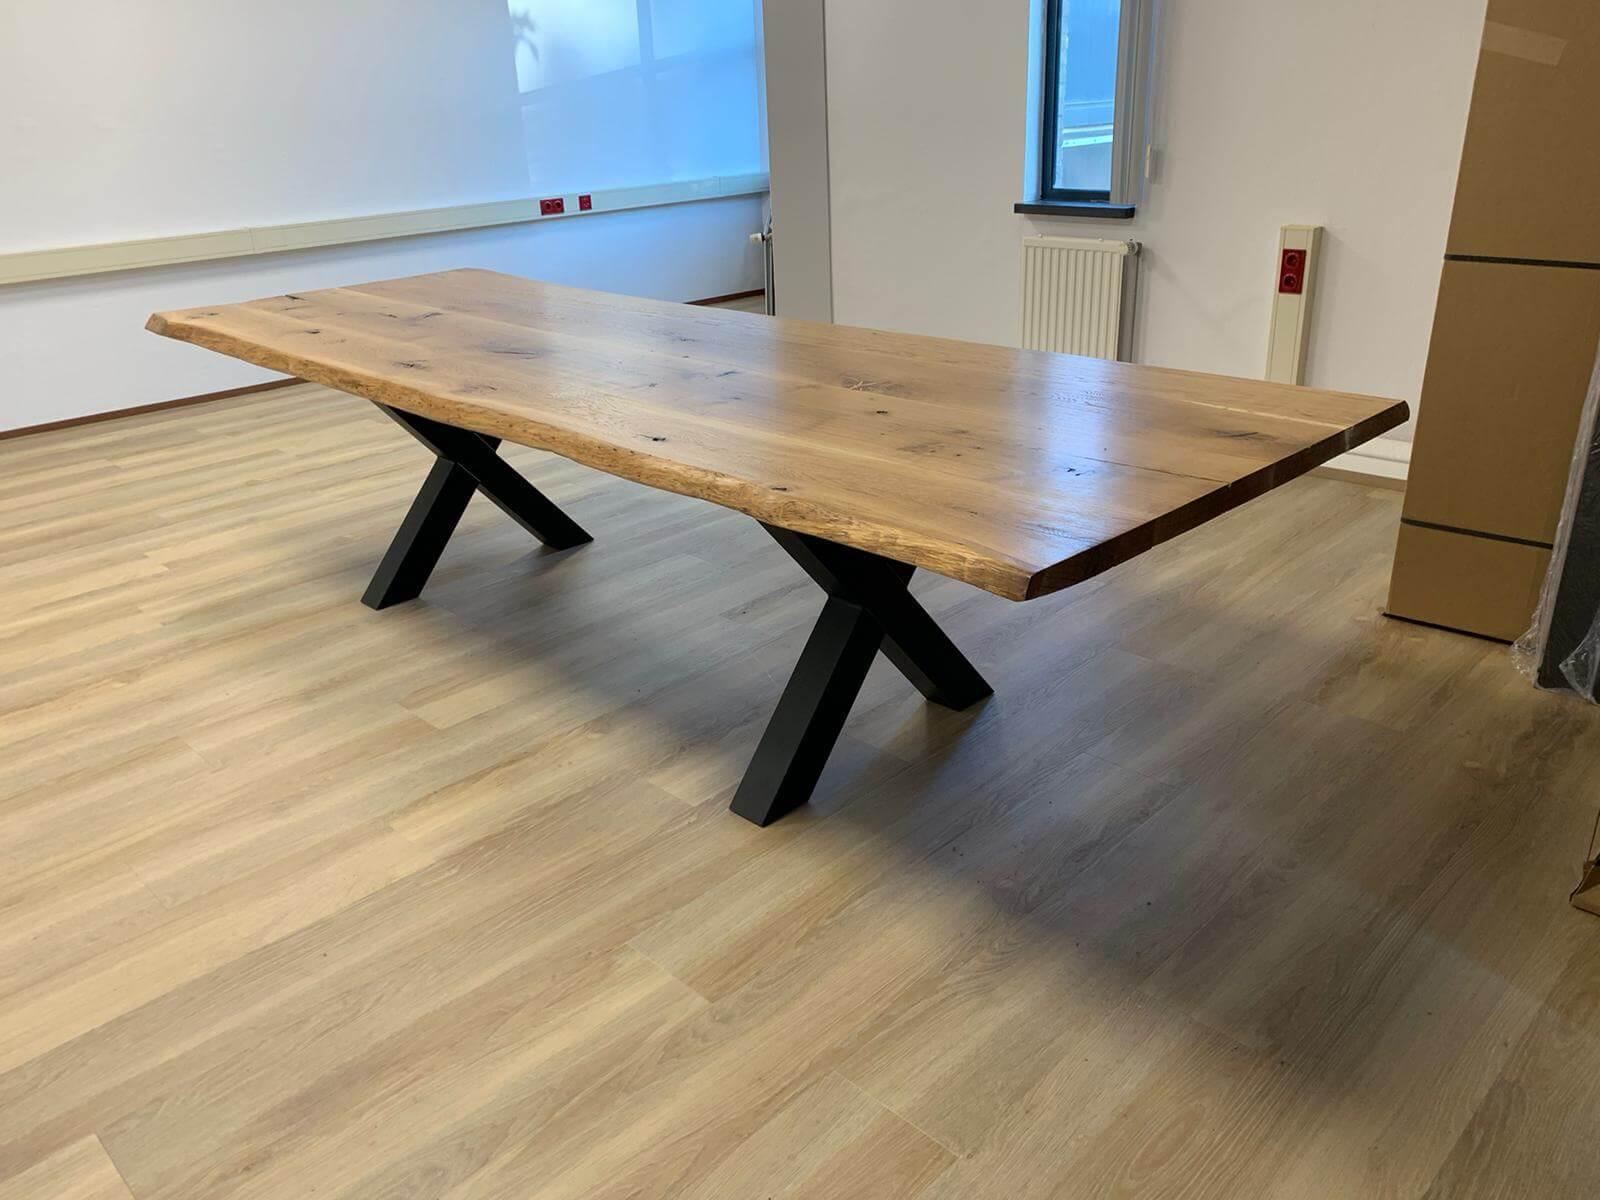 Eikenhouten vergadertafel 3.2 meter